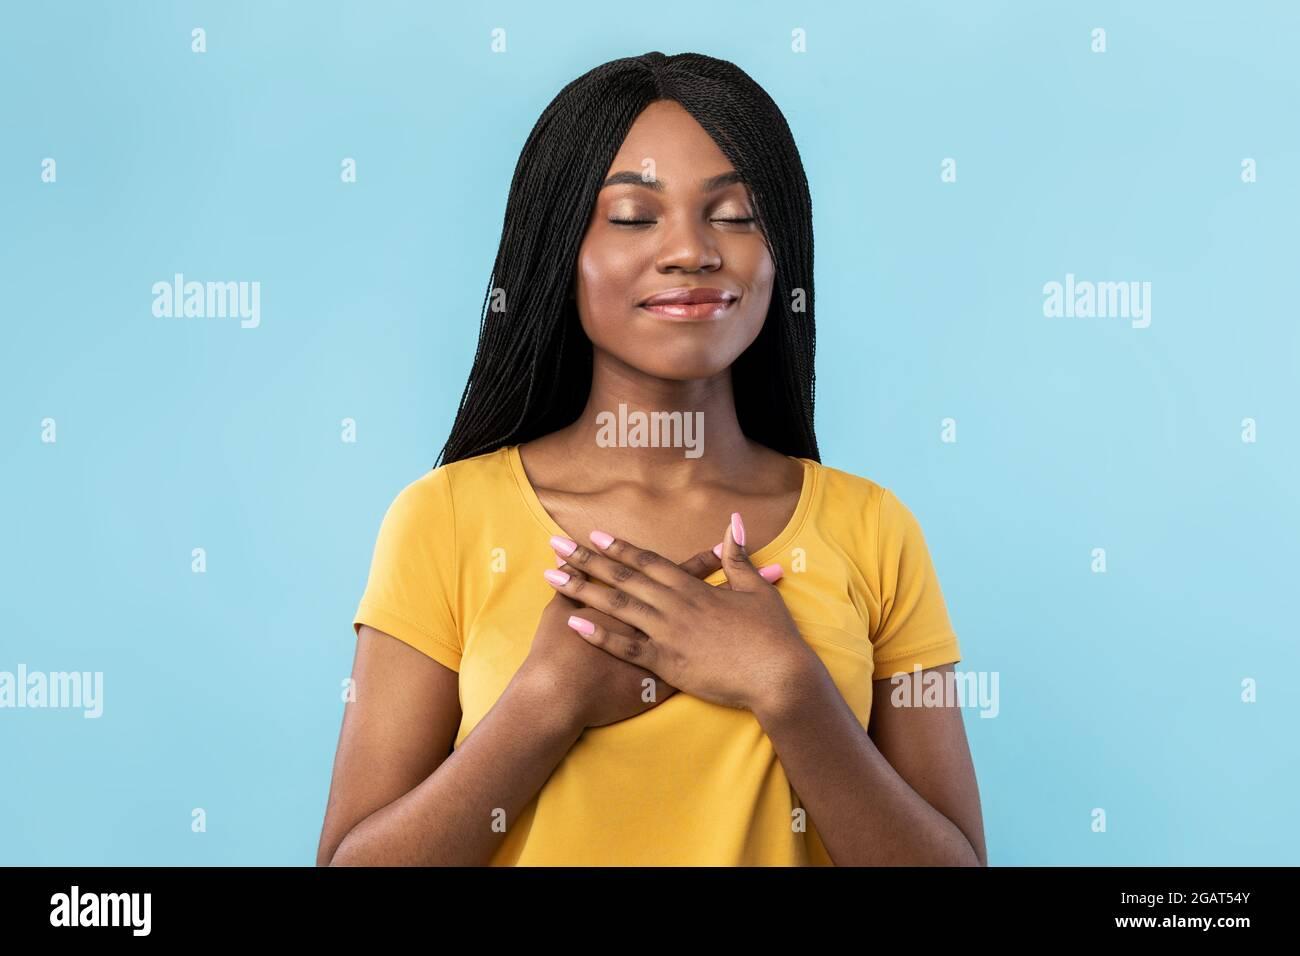 Gentillesse et gratitude. Une femme afro-américaine reconnaissante se pressant les mains jusqu'à la poitrine en souriant avec les yeux fermés sur fond bleu. Studio Portrait Banque D'Images